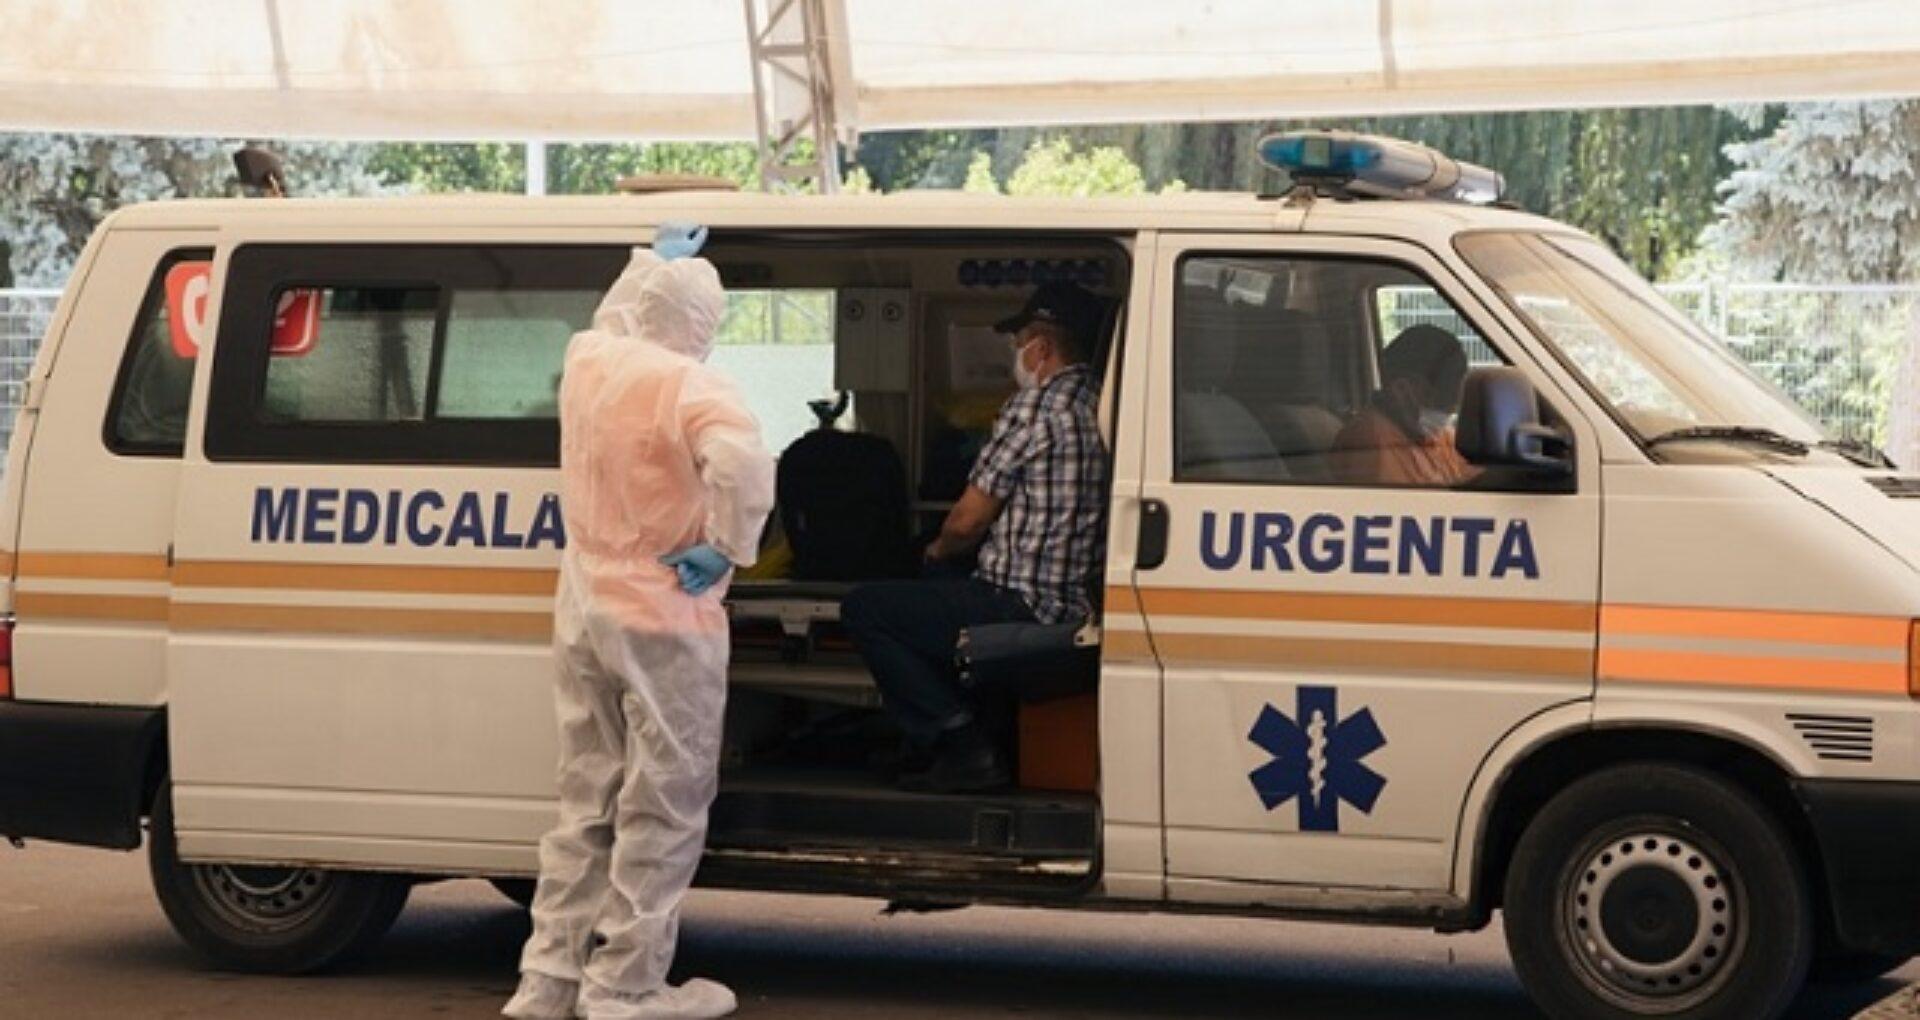 LIVE/ ULTIMA ORĂ! R. Moldova a înregistrat alte 1013 cazuri de COVID-19, cel mai mare număr de la începutul pandemiei